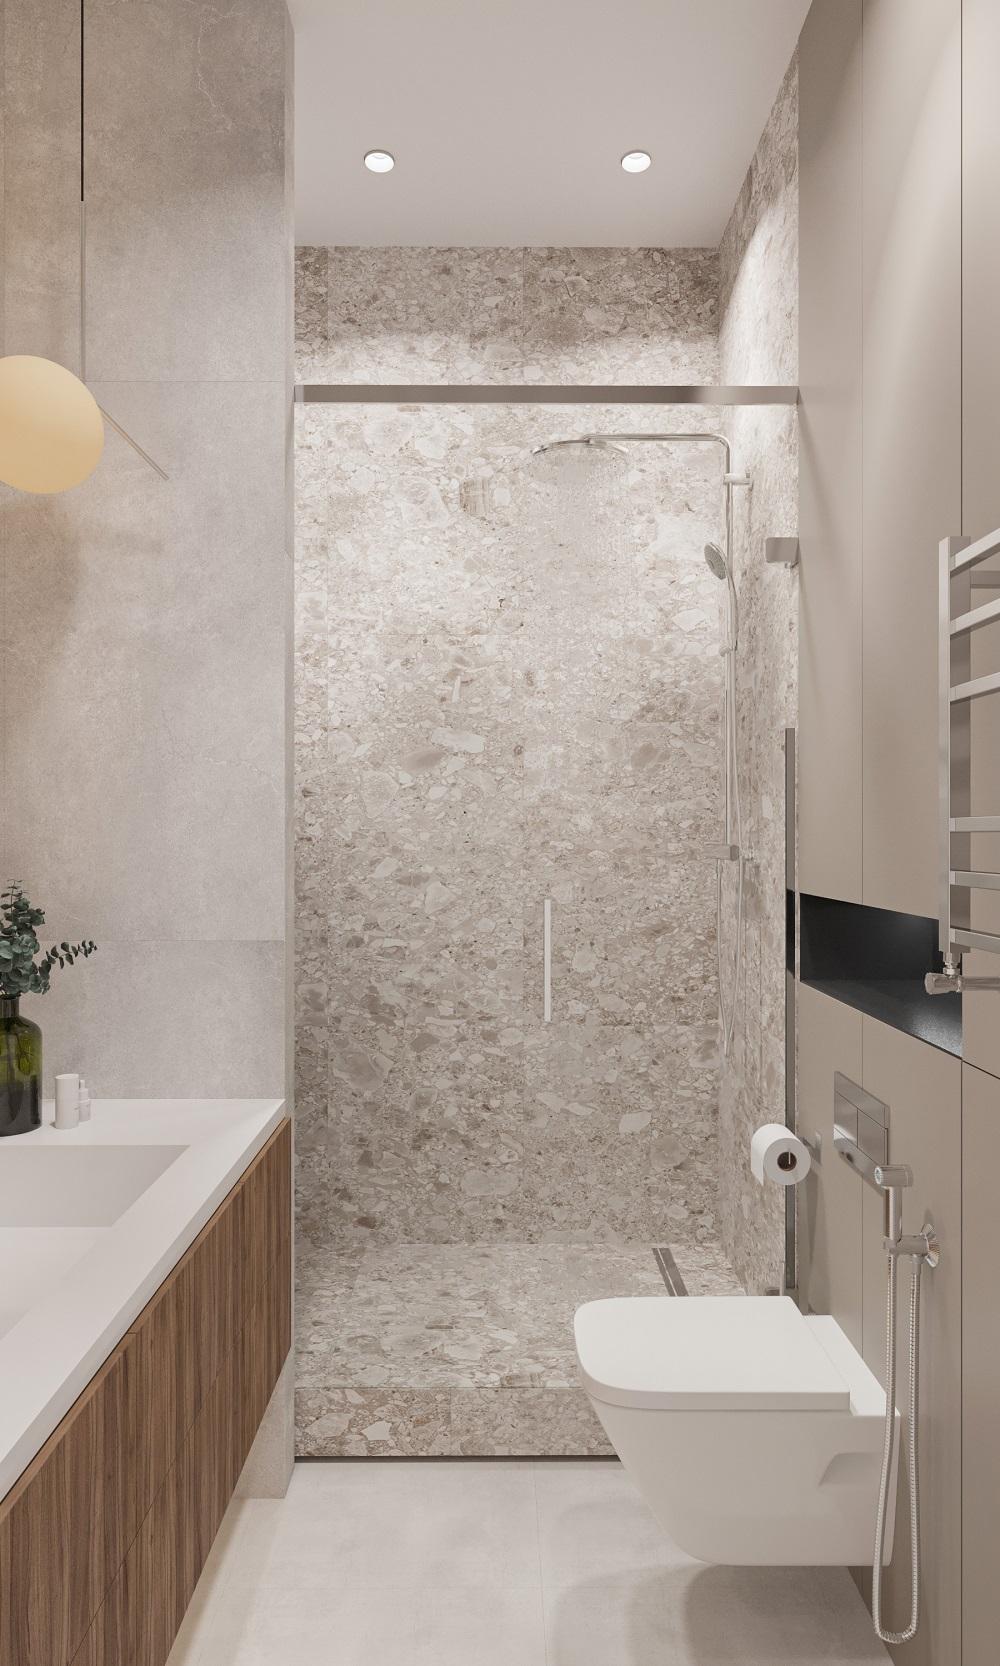 Для небольшой ванной комнаты мы используем душевую со стеклянной прозрачной перегородкой